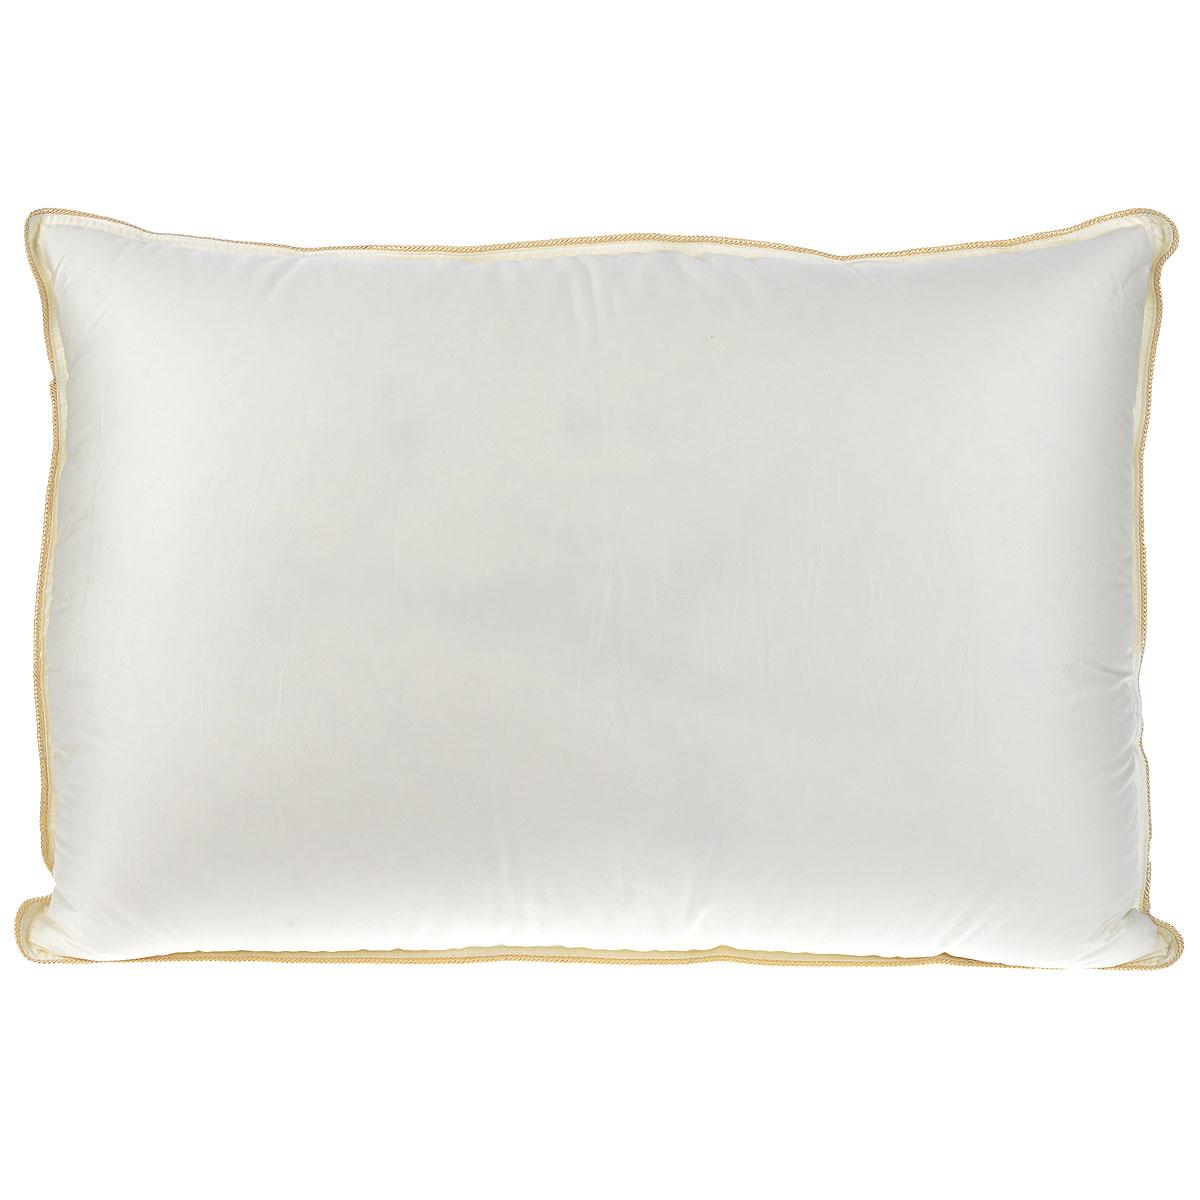 Подушка Mona Liza Elite, наполнитель: гусиный пух, цвет: бежевый, 50 х 70 см